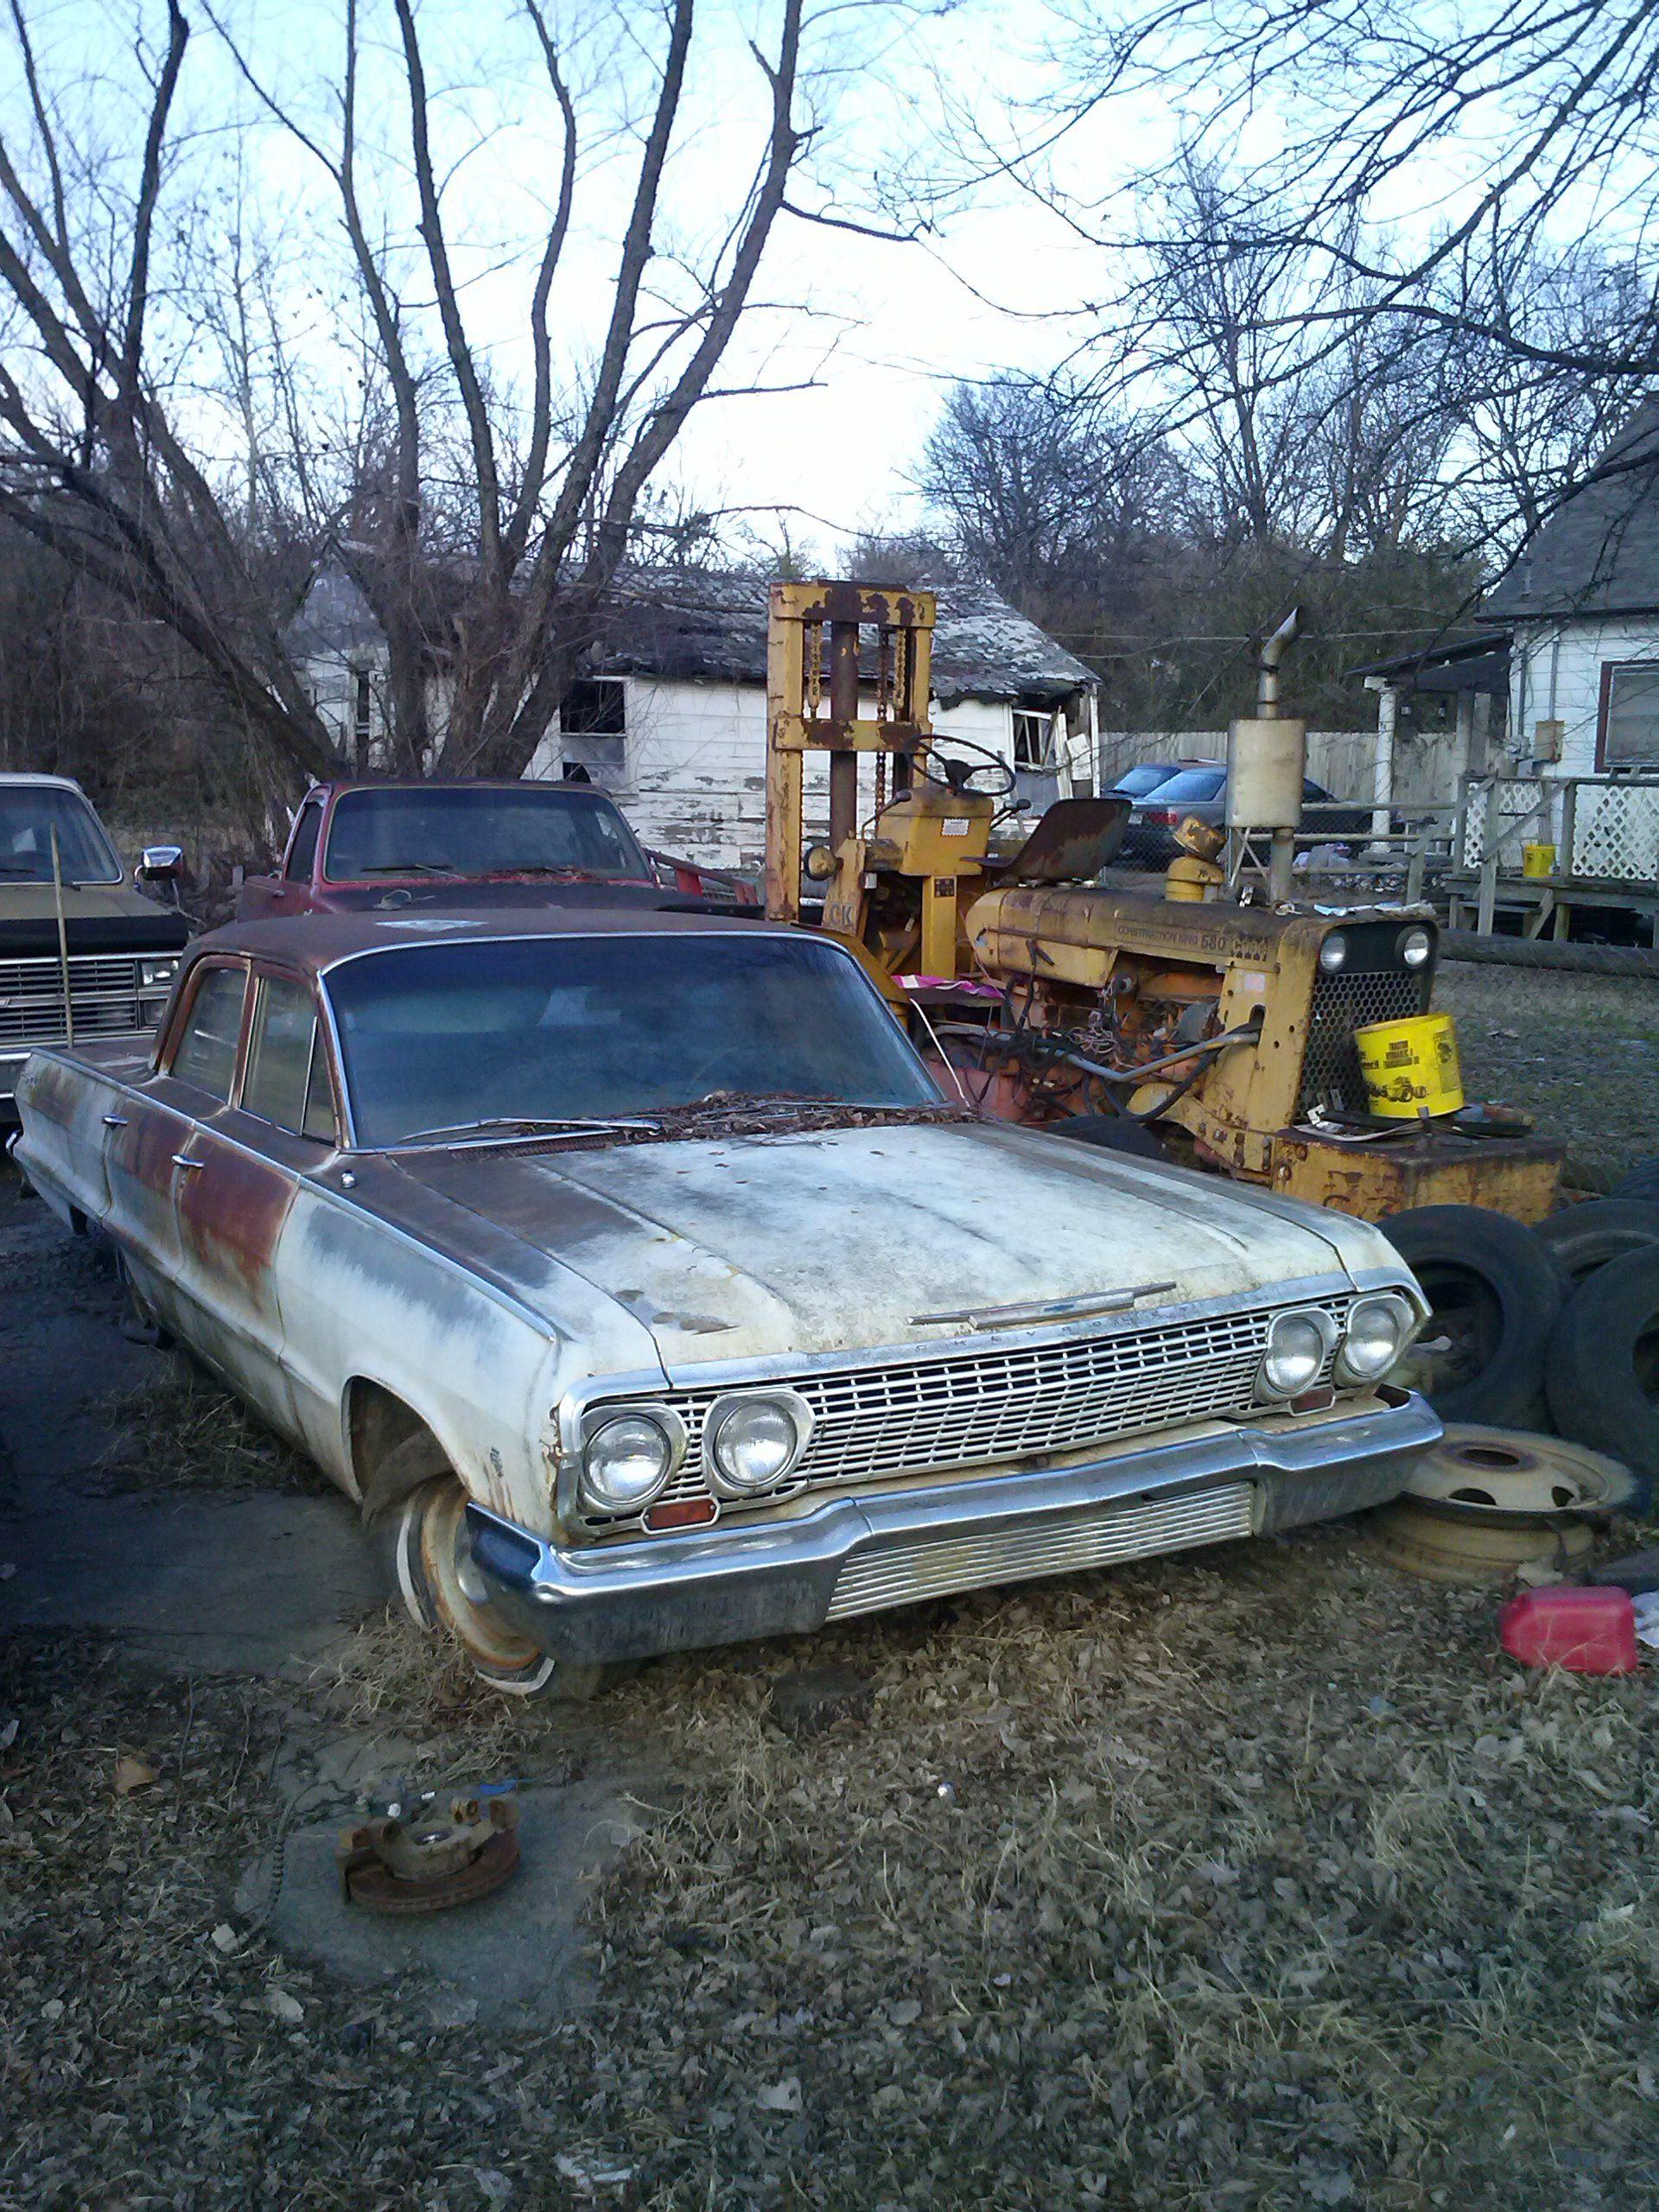 Cars and more chevy impala chevy impalas vehicles drag racing racing - 63 Chevy Impala Http Mrimpalasautoparts Com